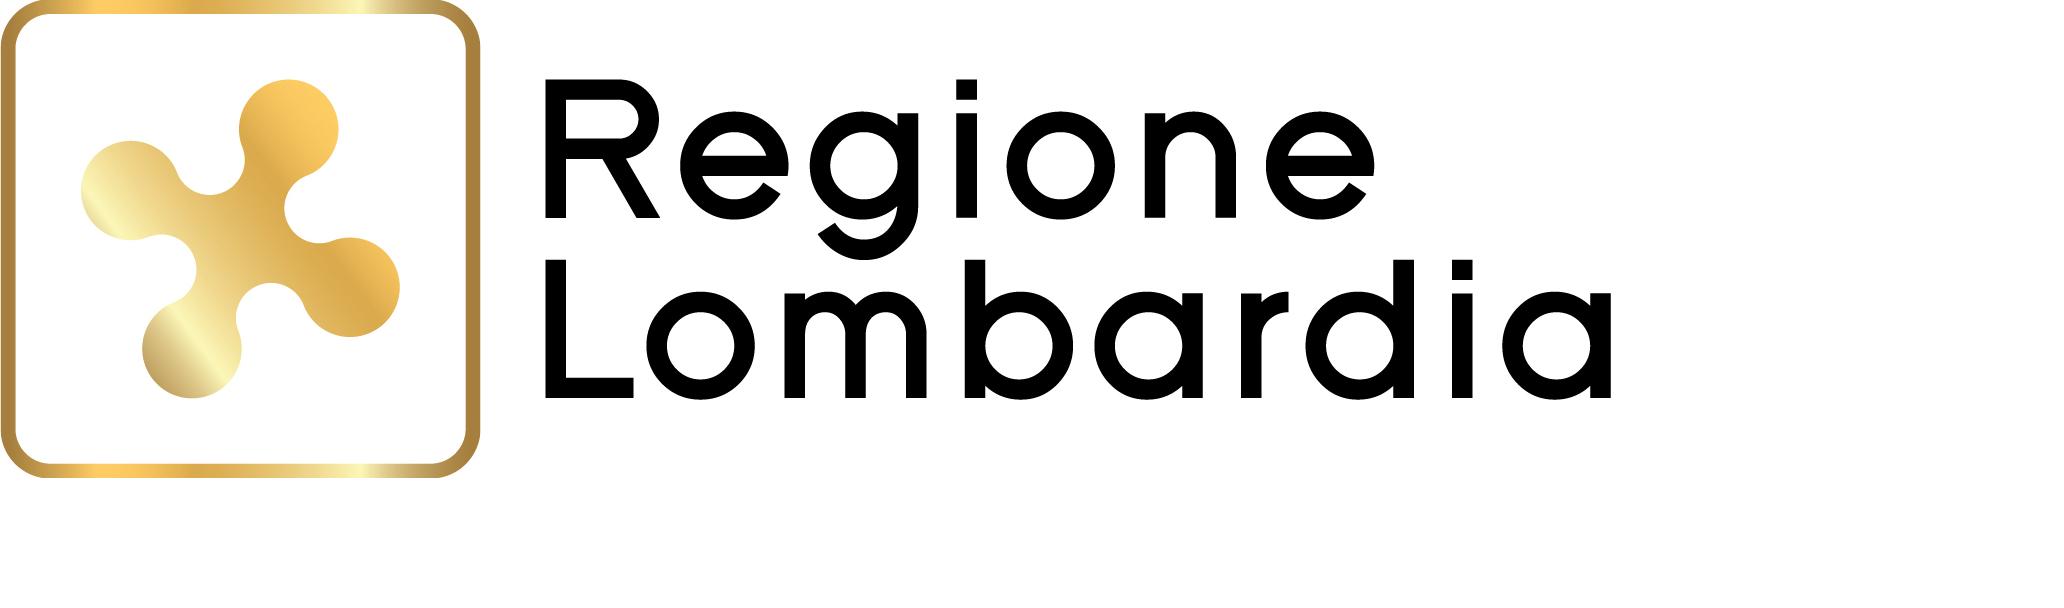 Bando per assegnazione contributo regionale di solidarieta' 2020